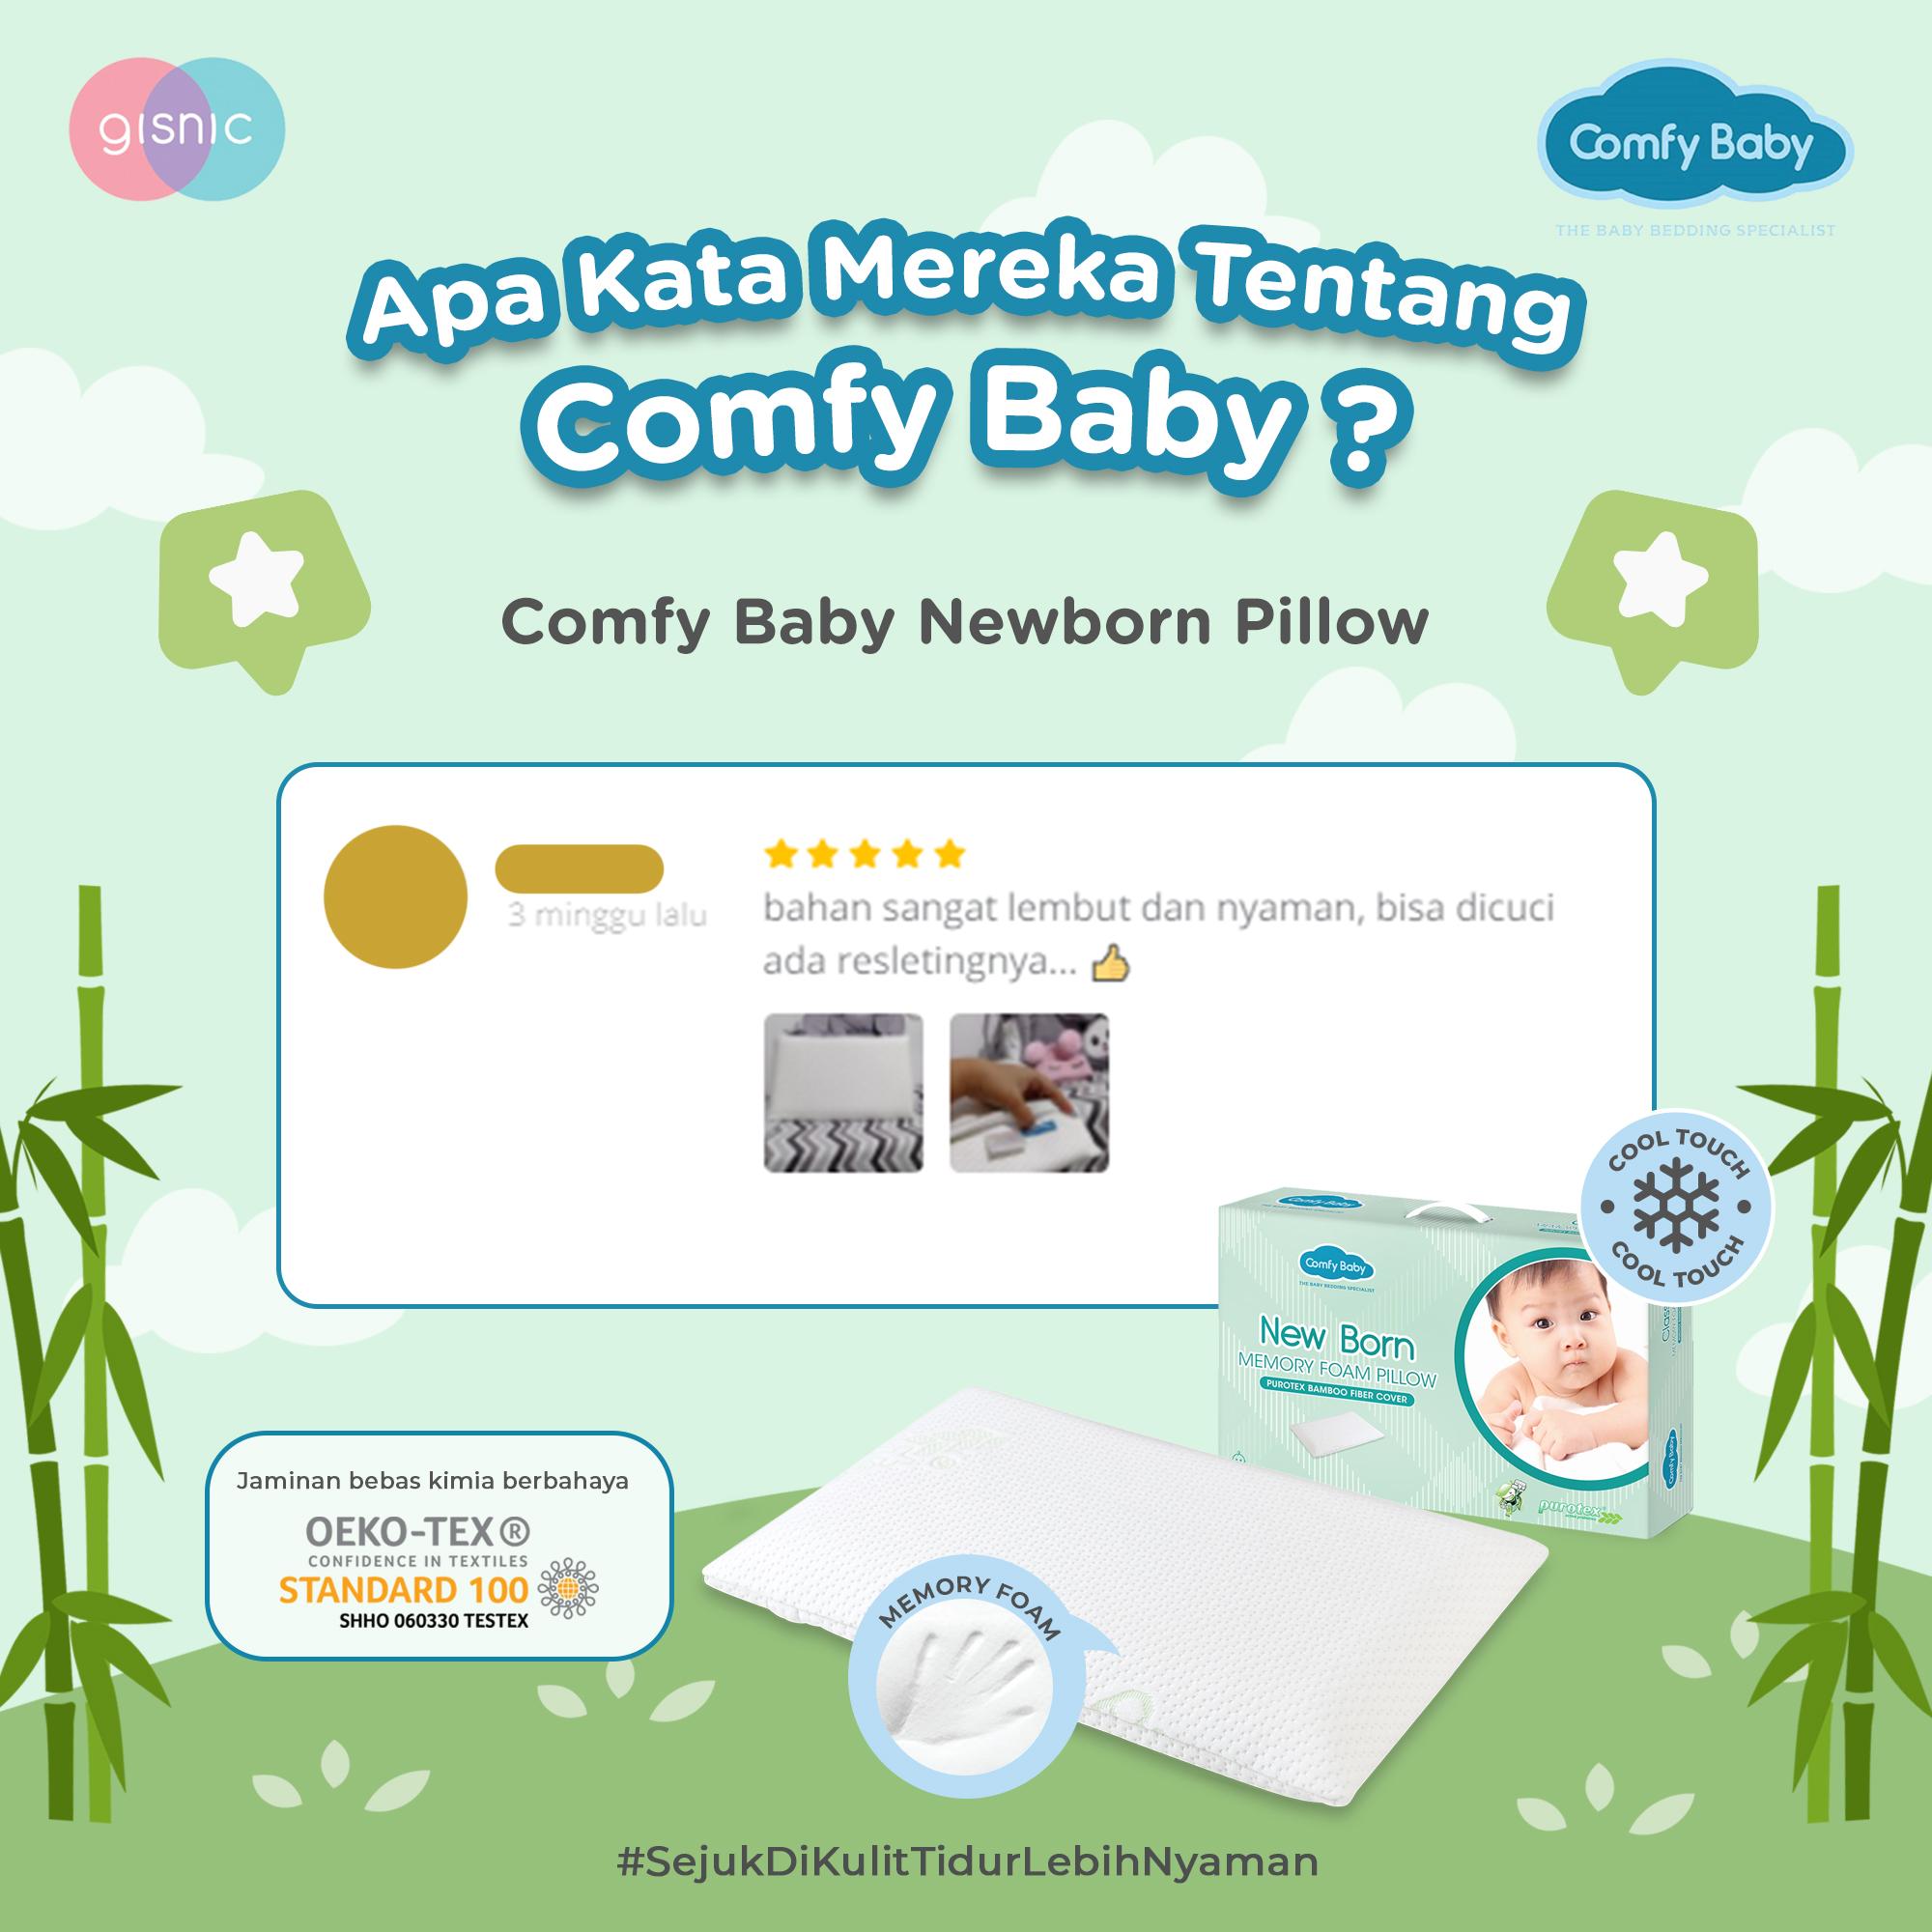 Comfy Baby Viskon Senin 24 Mei 2